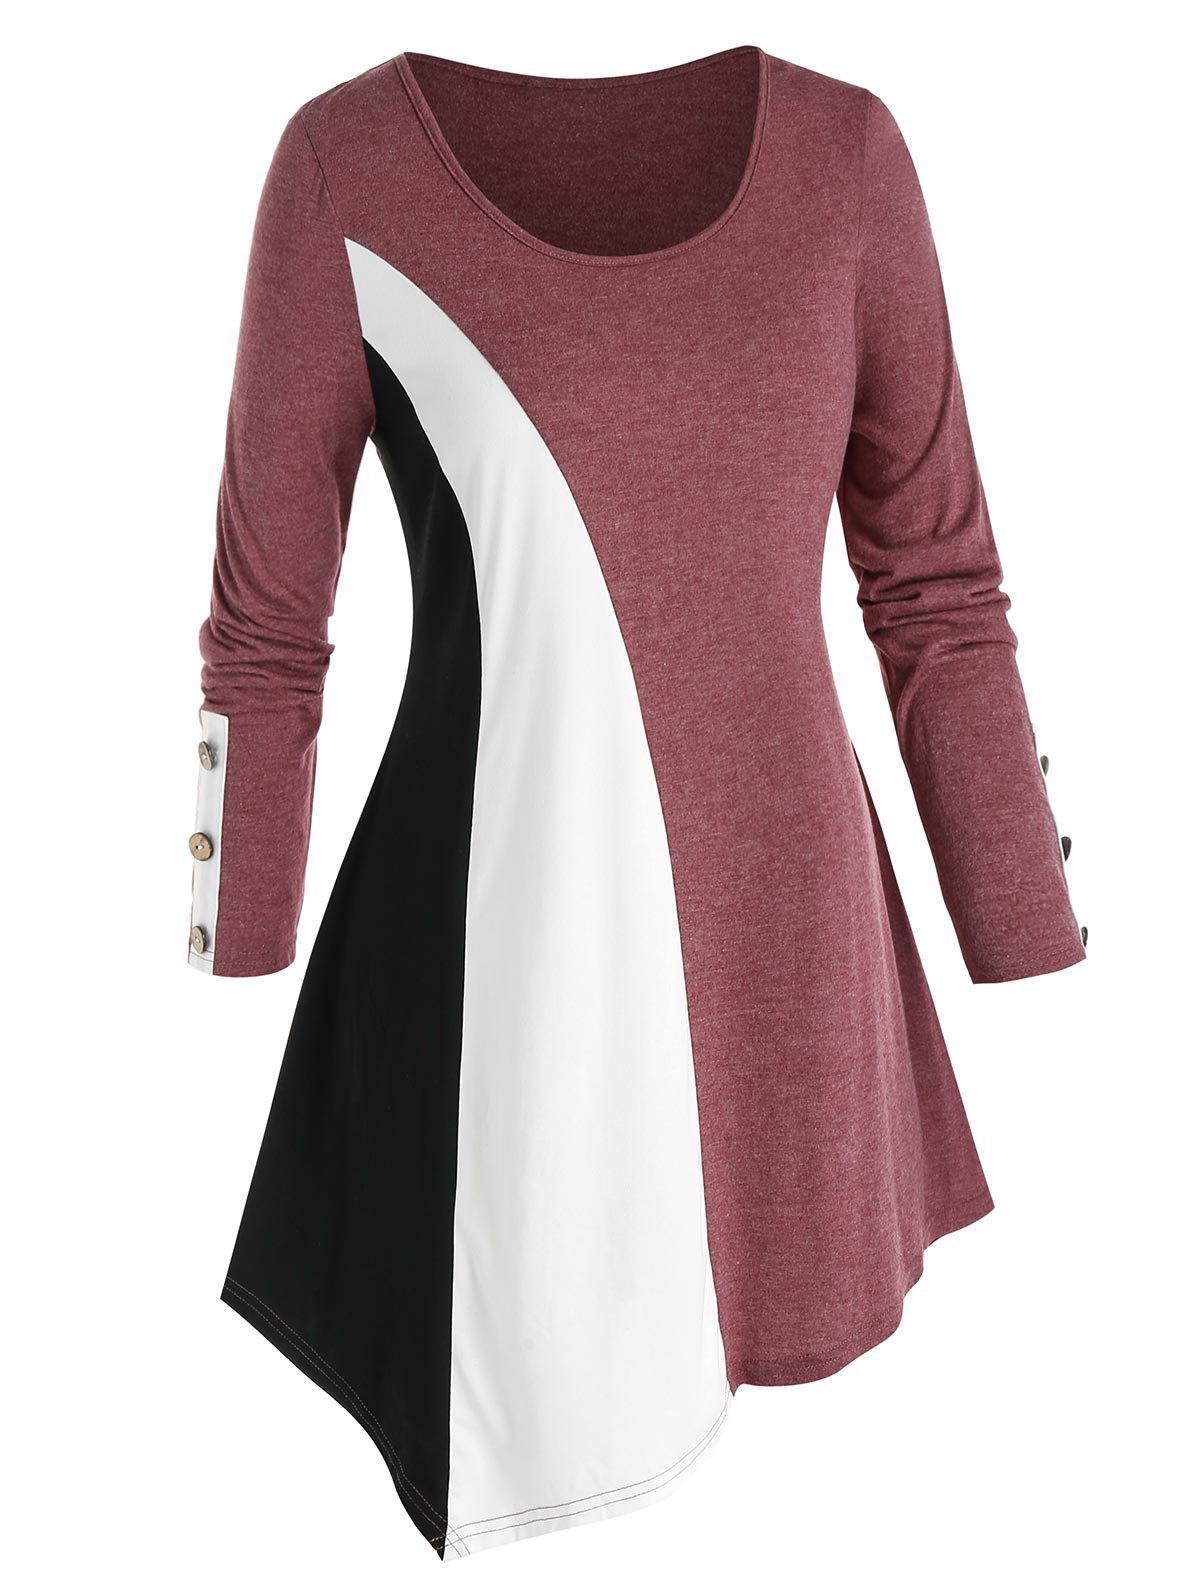 Plus Size Asymmetric Colorblock T Shirt